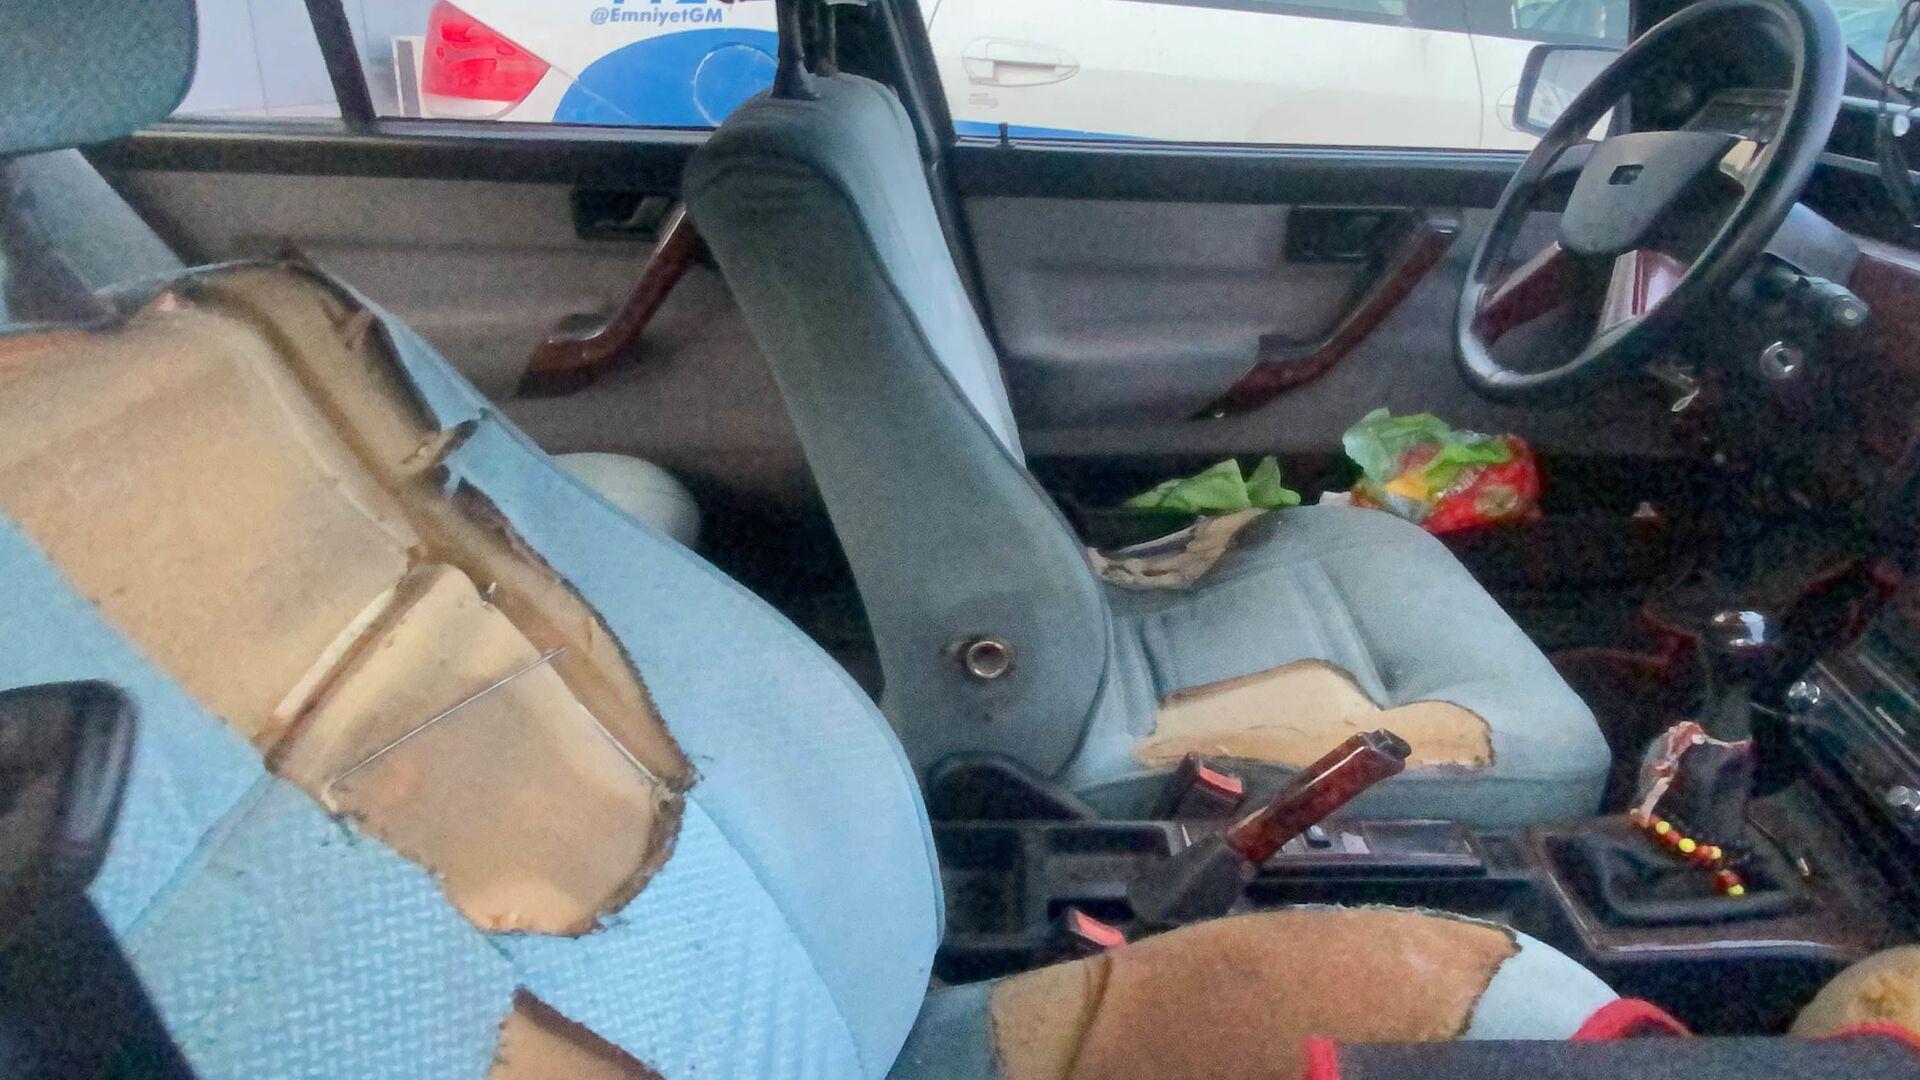 Katilinin Arzu Aygün'ün cesedini otomobilin ön koltuğuna oturtarak taşıdığı ortaya çıktı - Sputnik Türkiye, 1920, 03.02.2021